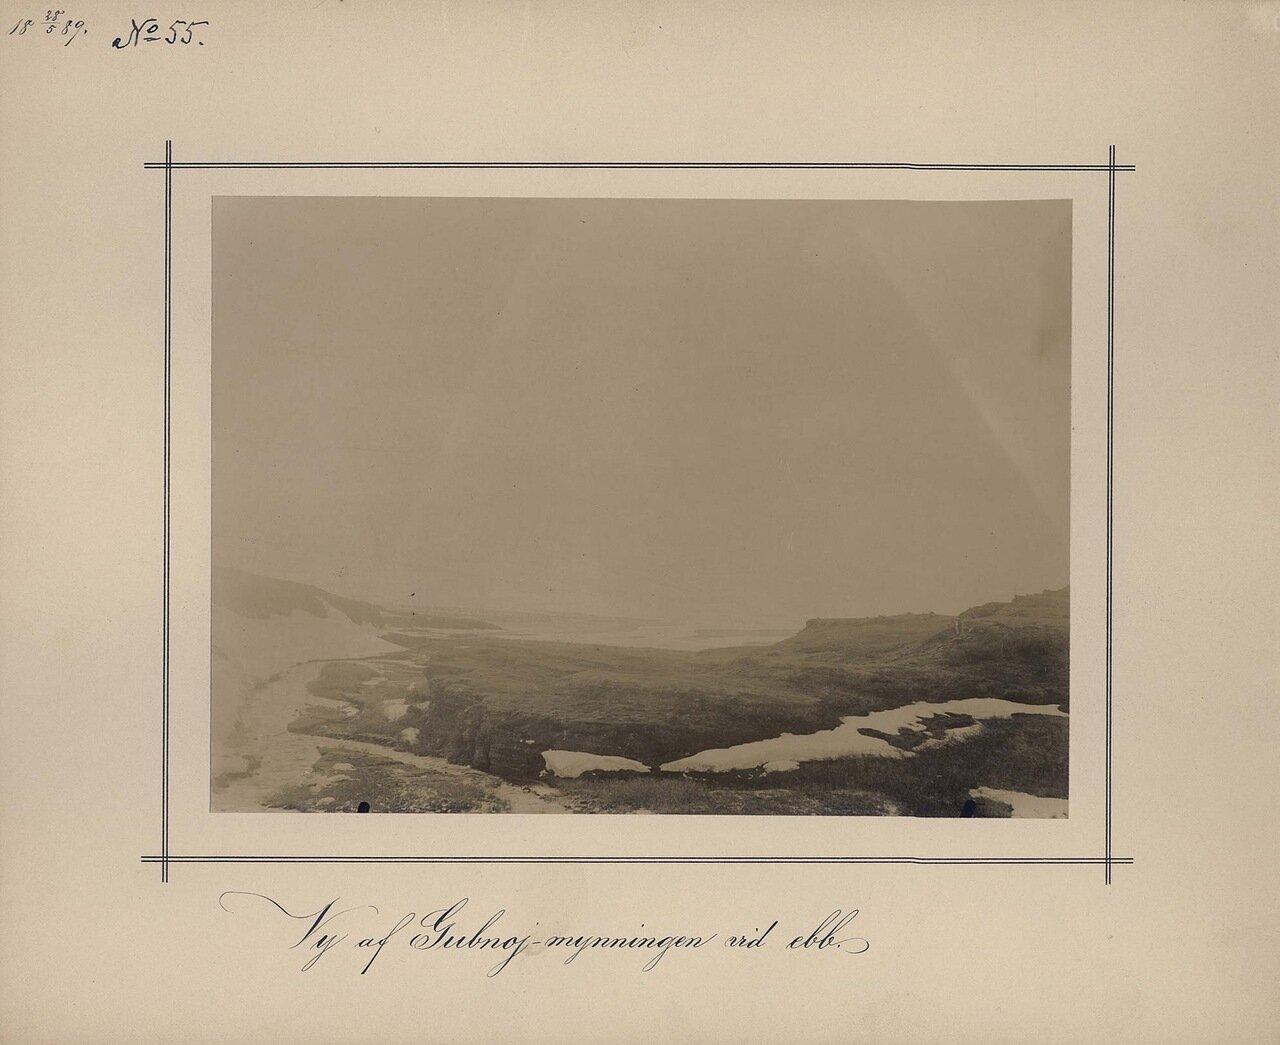 28.5.1889. Вид Gubnojin во время прилива